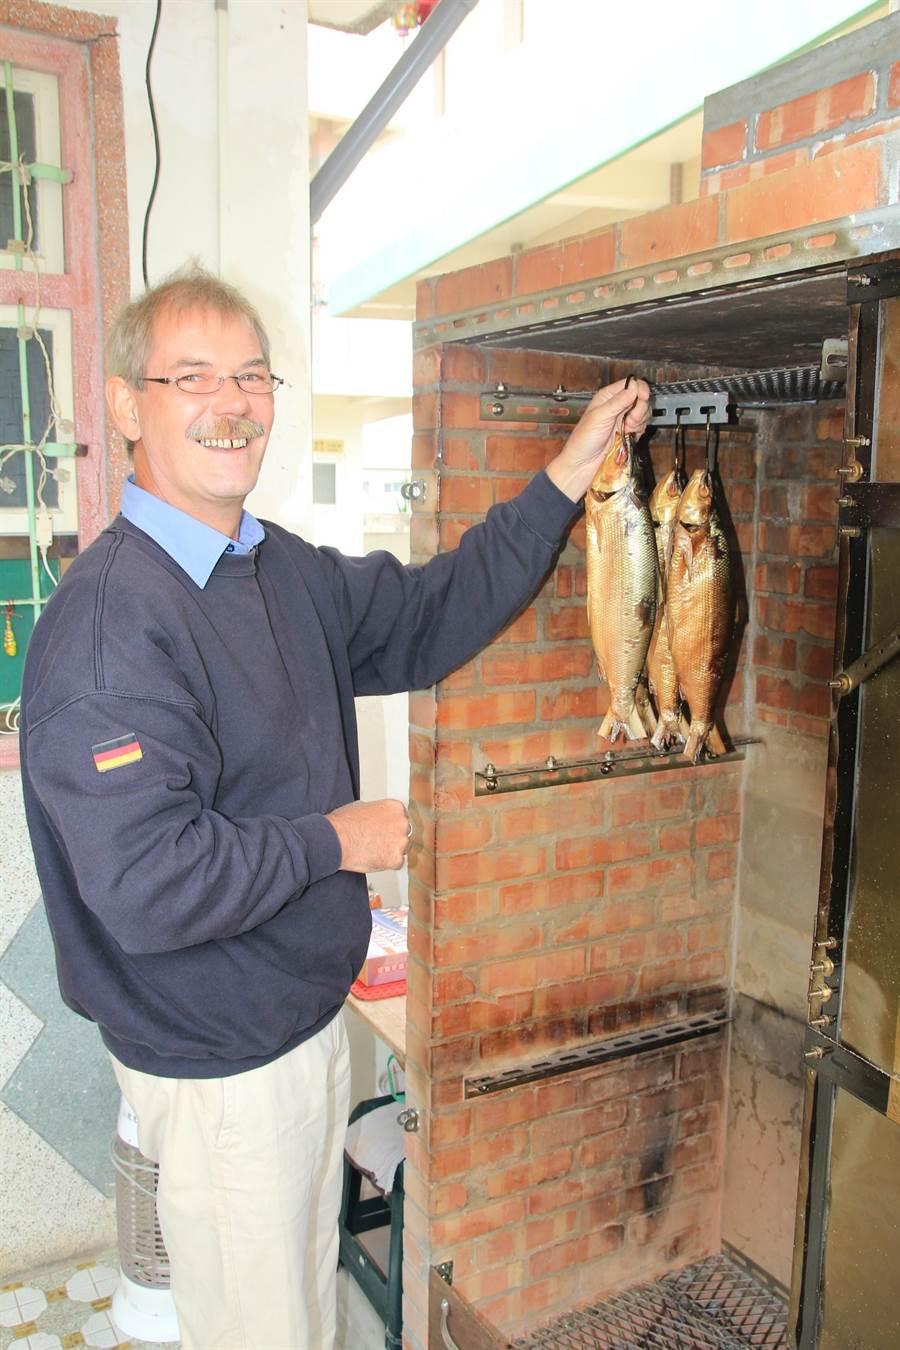 马丁是机械工程师,他用自制的壁炉熏制家乡口味食物。(庄曜聪摄)